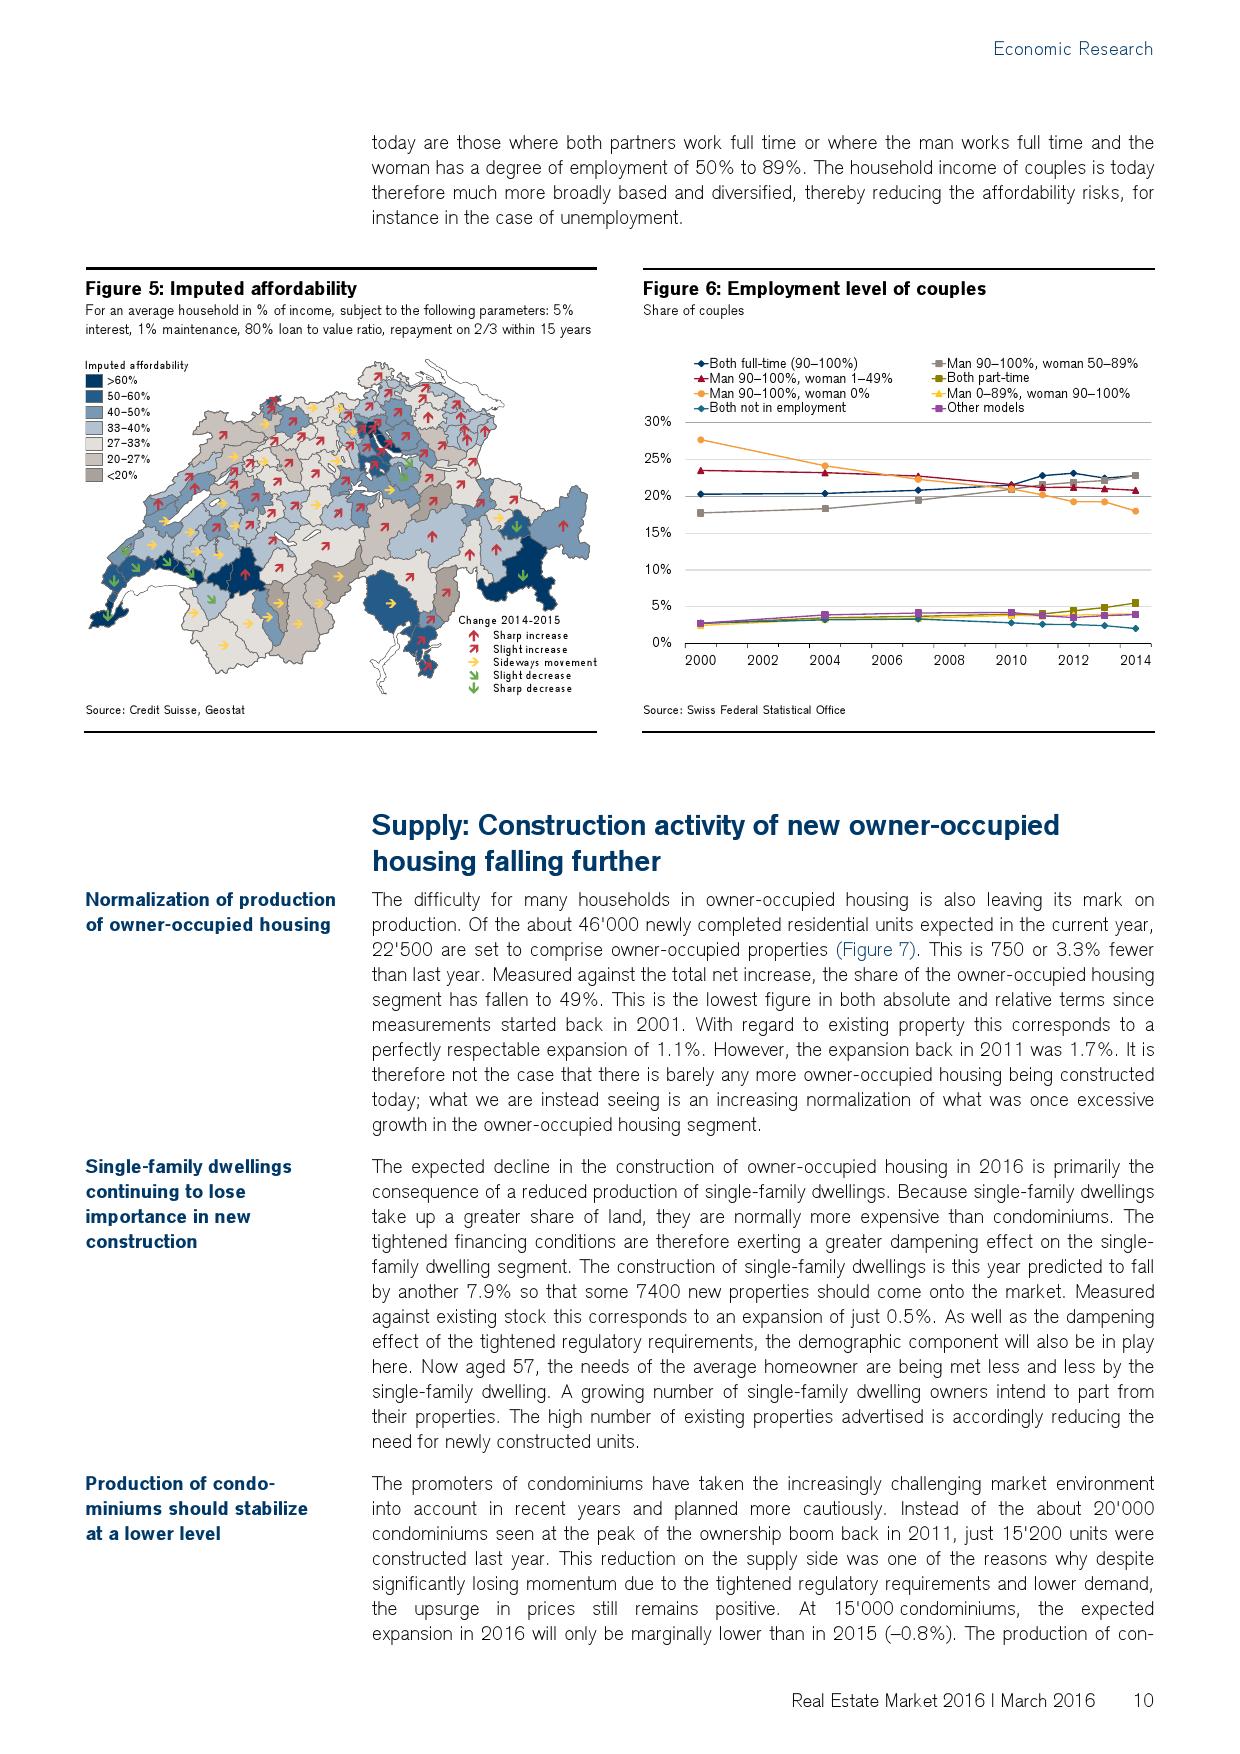 2016年瑞士房地产市场研究报告_000010